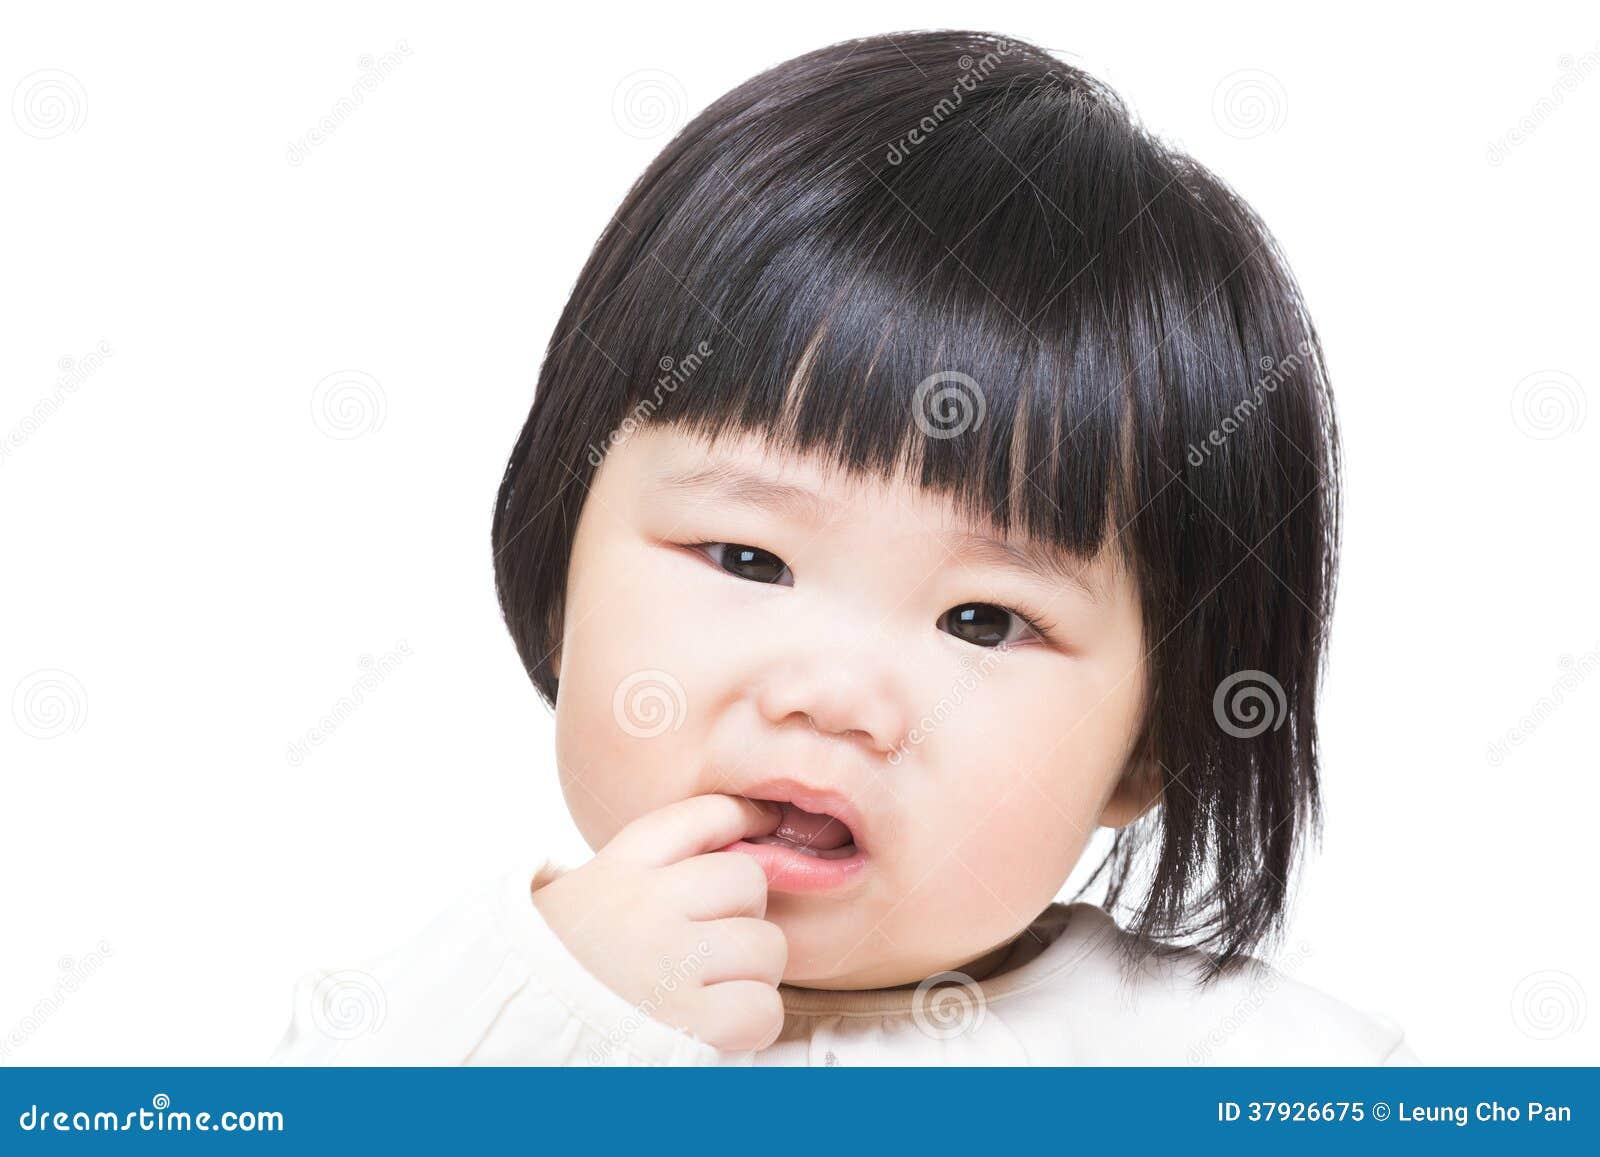 Ребёнок всасывает палец в рот